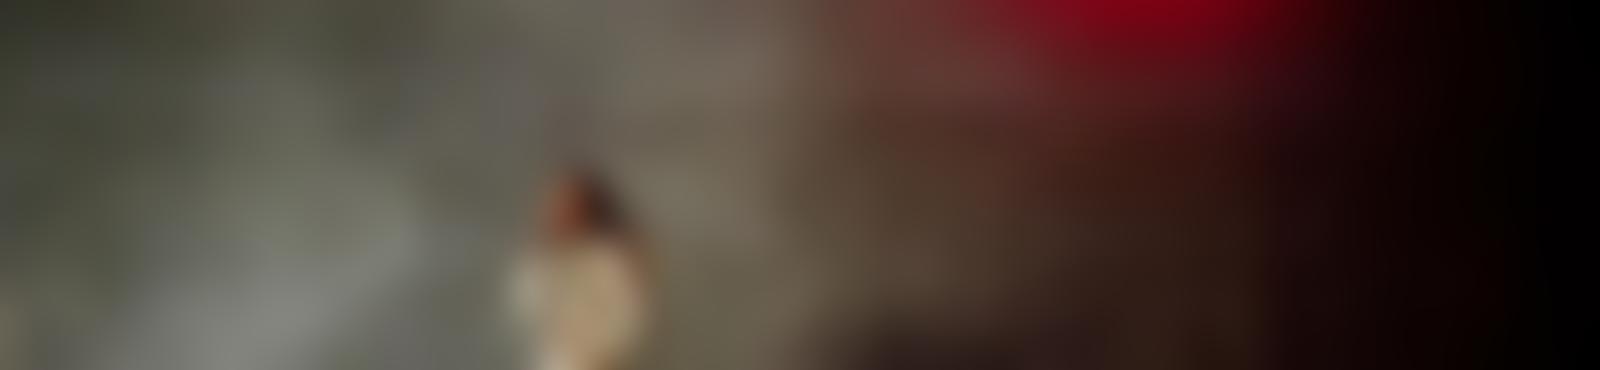 Blurred 78f096e5 2b1a 4508 aaec 131a80de3d06